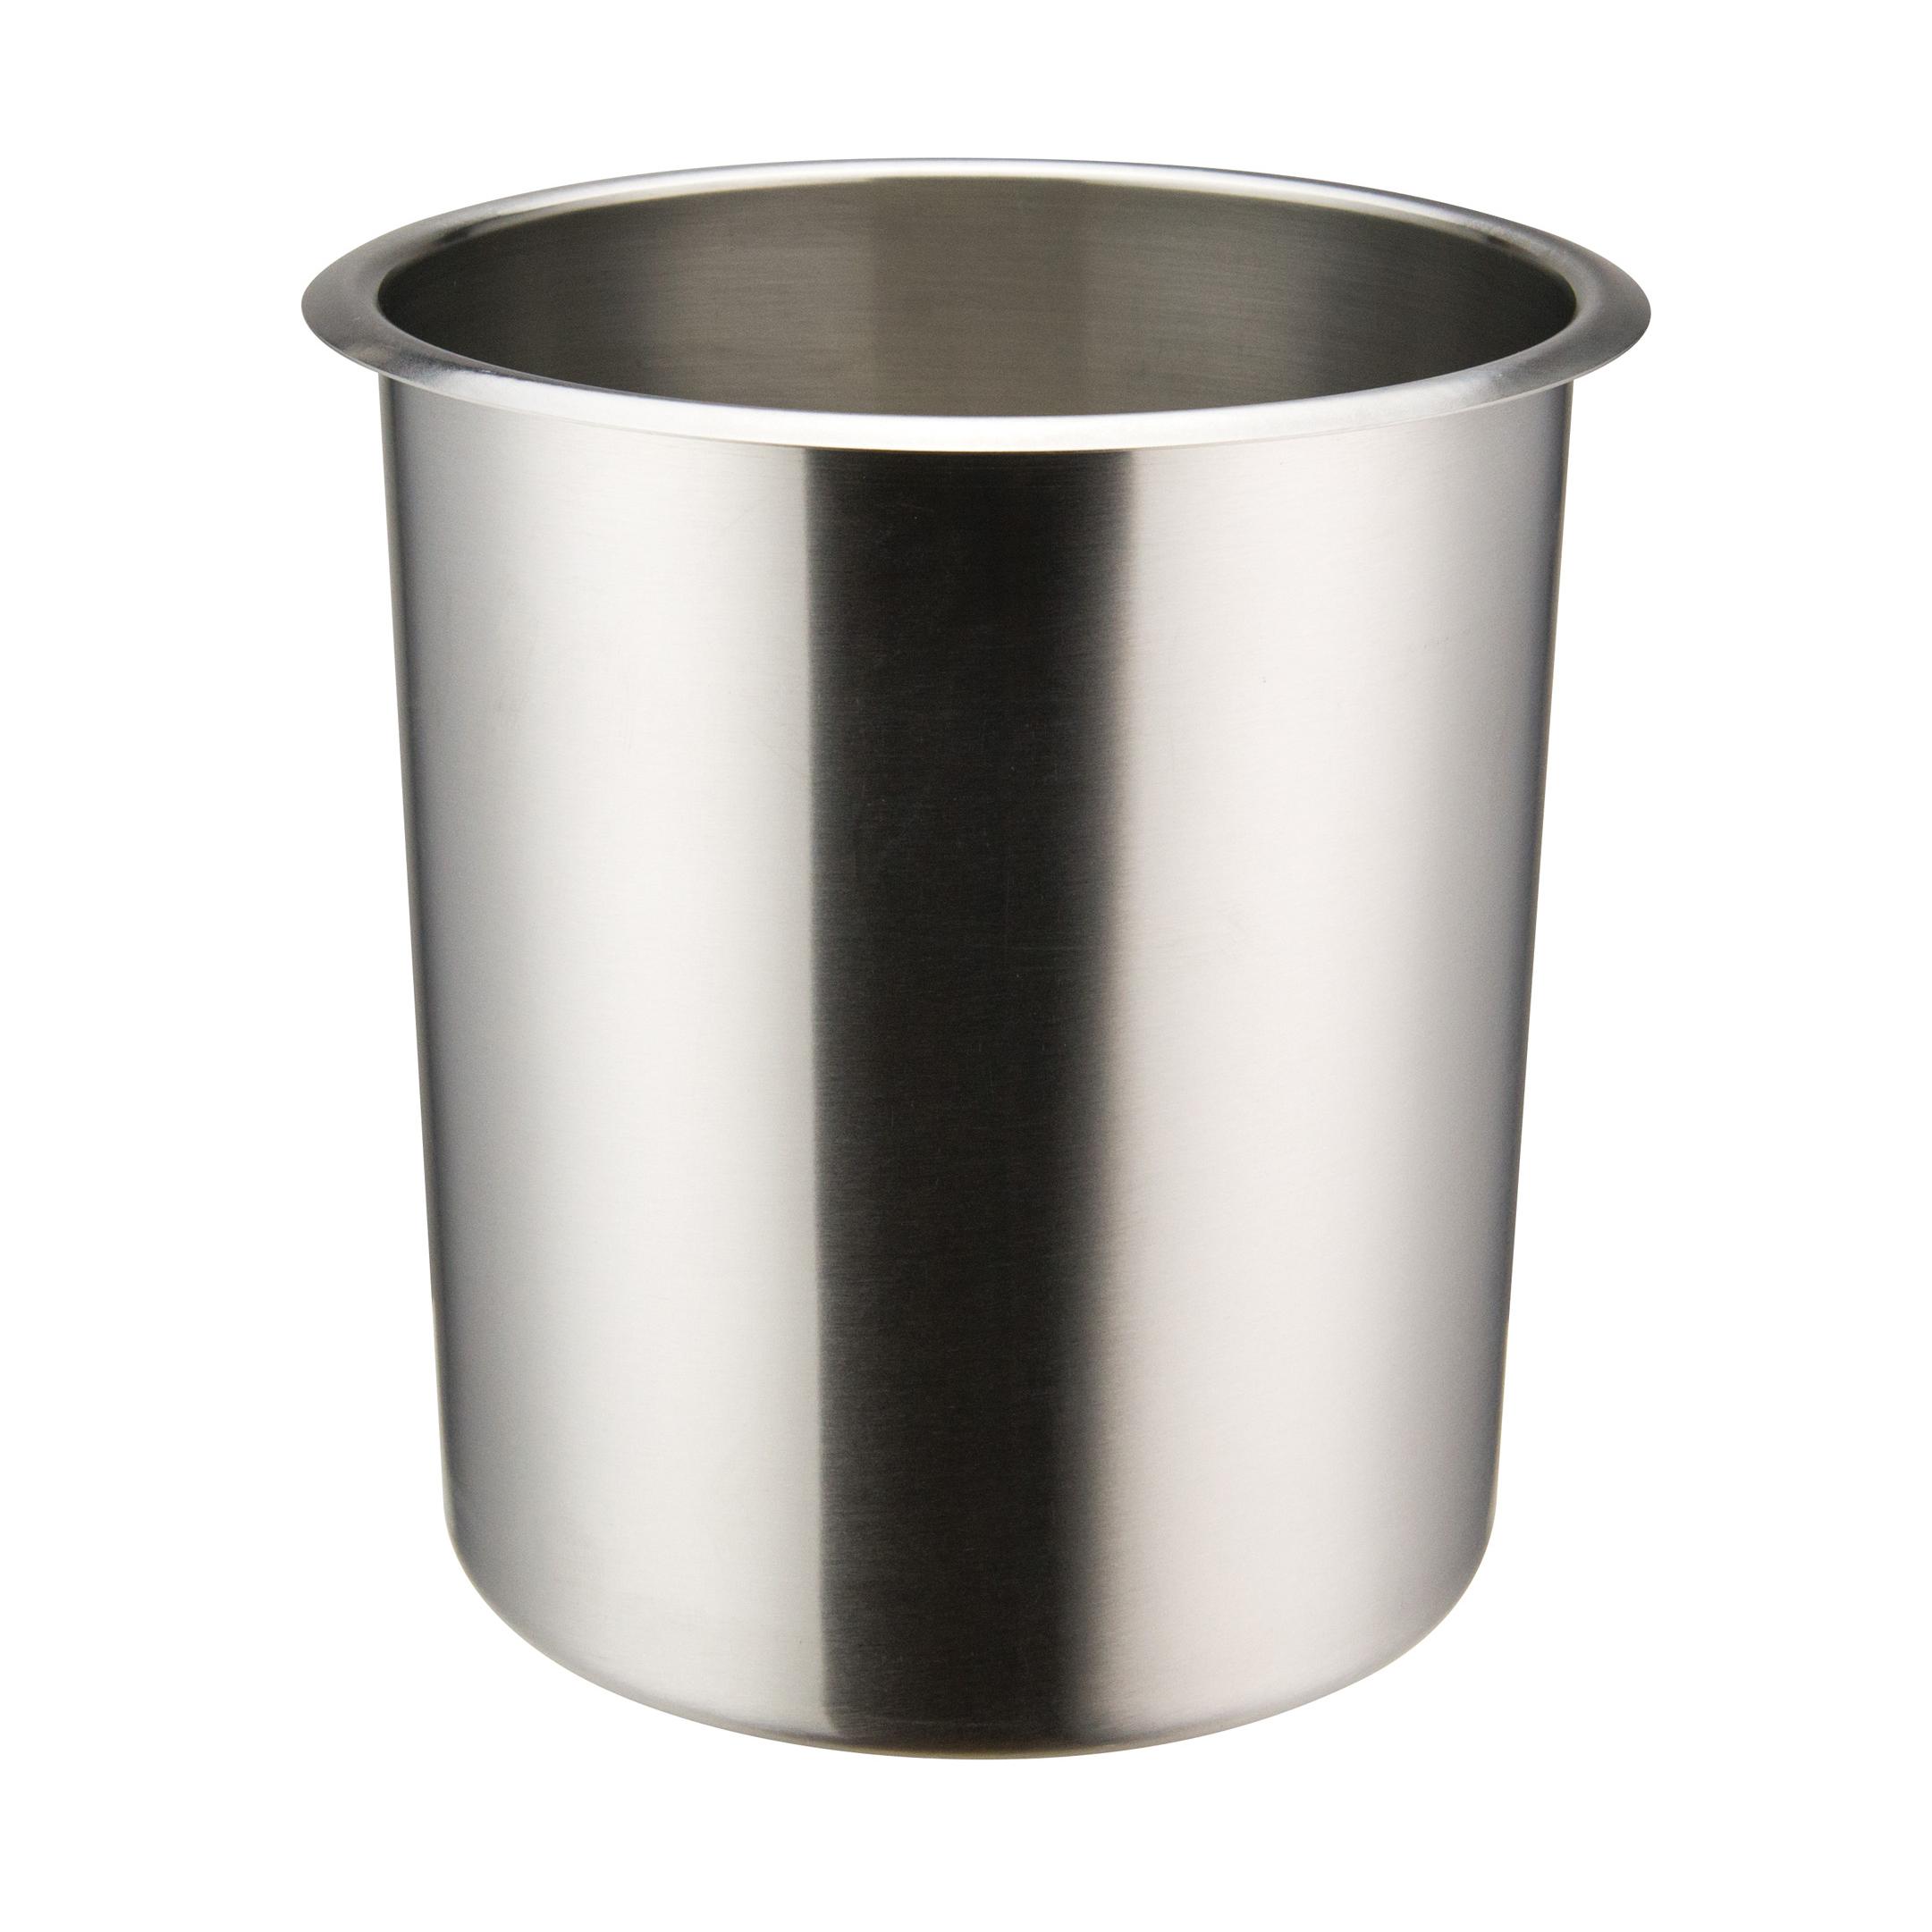 Winco BAMN-3.5 bain marie pot